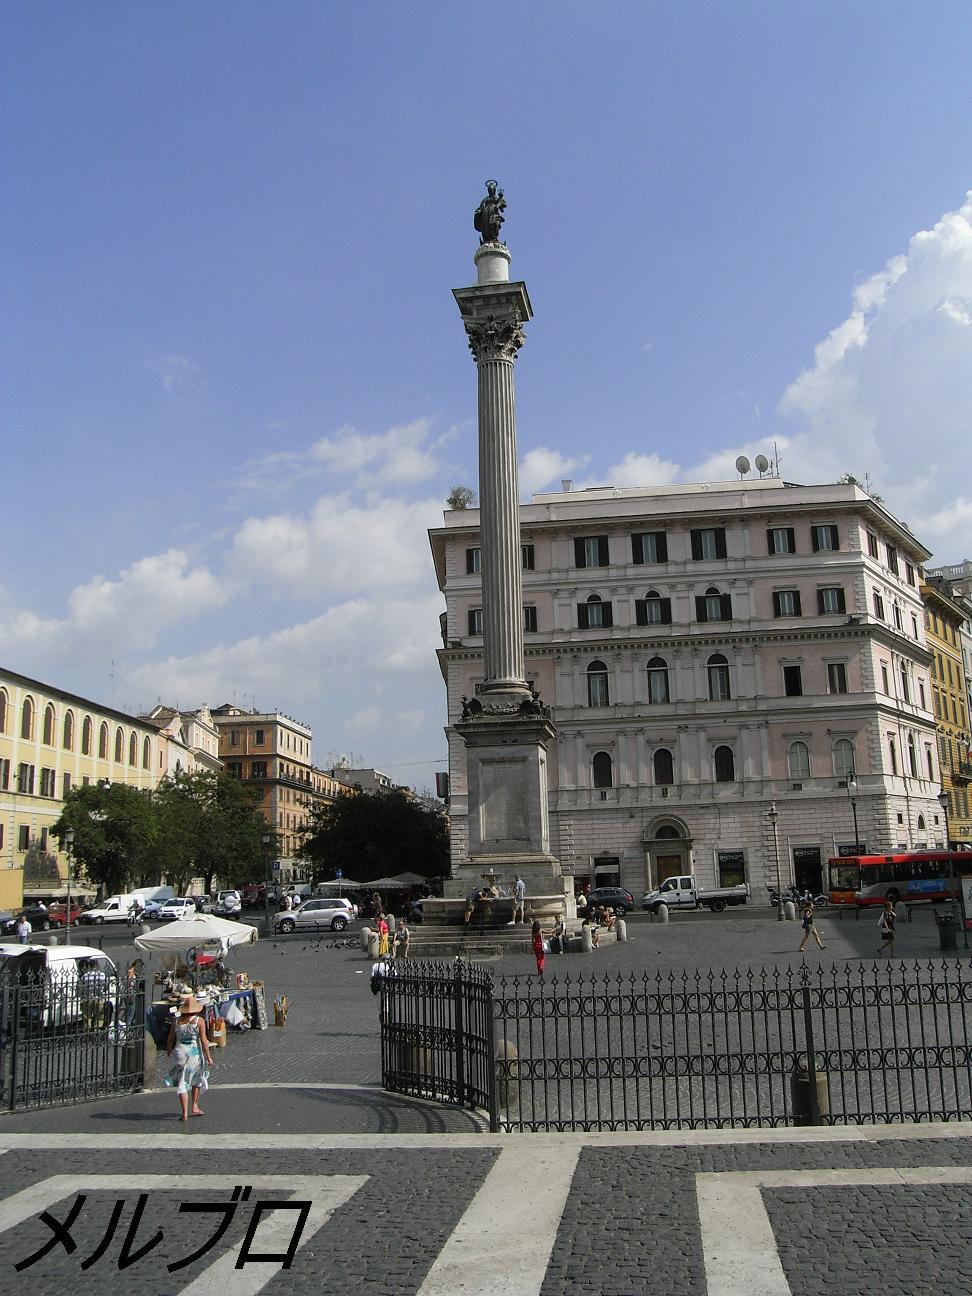 聖堂前の柱